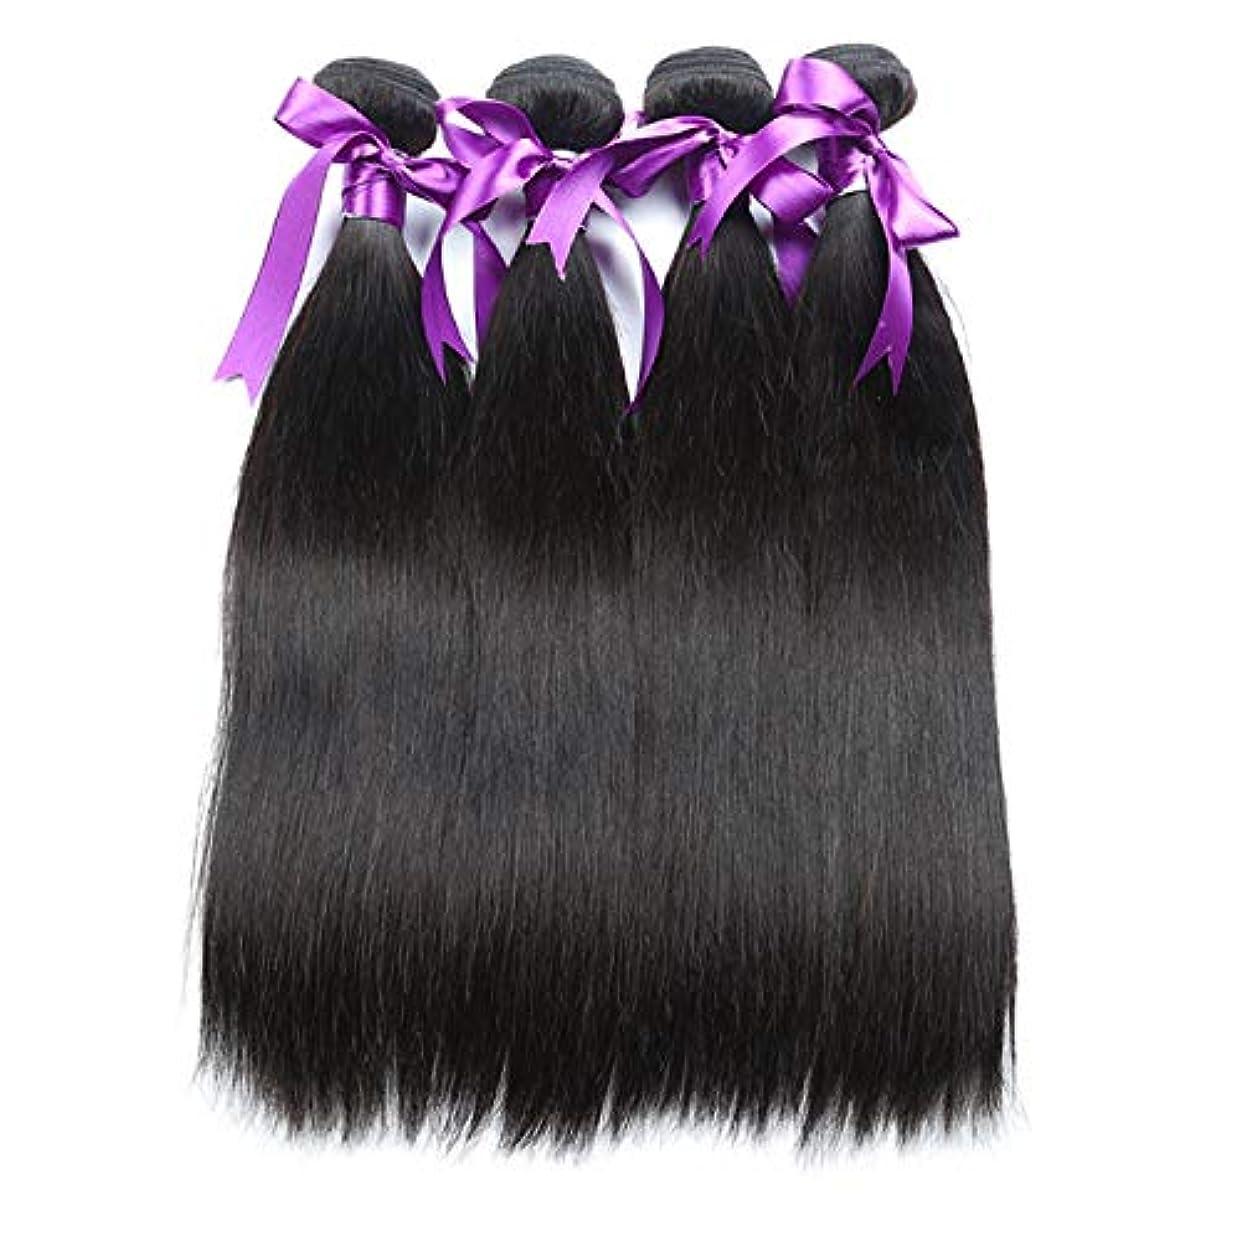 剥ぎ取るポーチバストブラジルストレートヘアバンドル8-28インチ100%人毛織りレミー髪ナチュラルカラー4ピース髪バンドル (Stretched Length : 22 22 22 22)